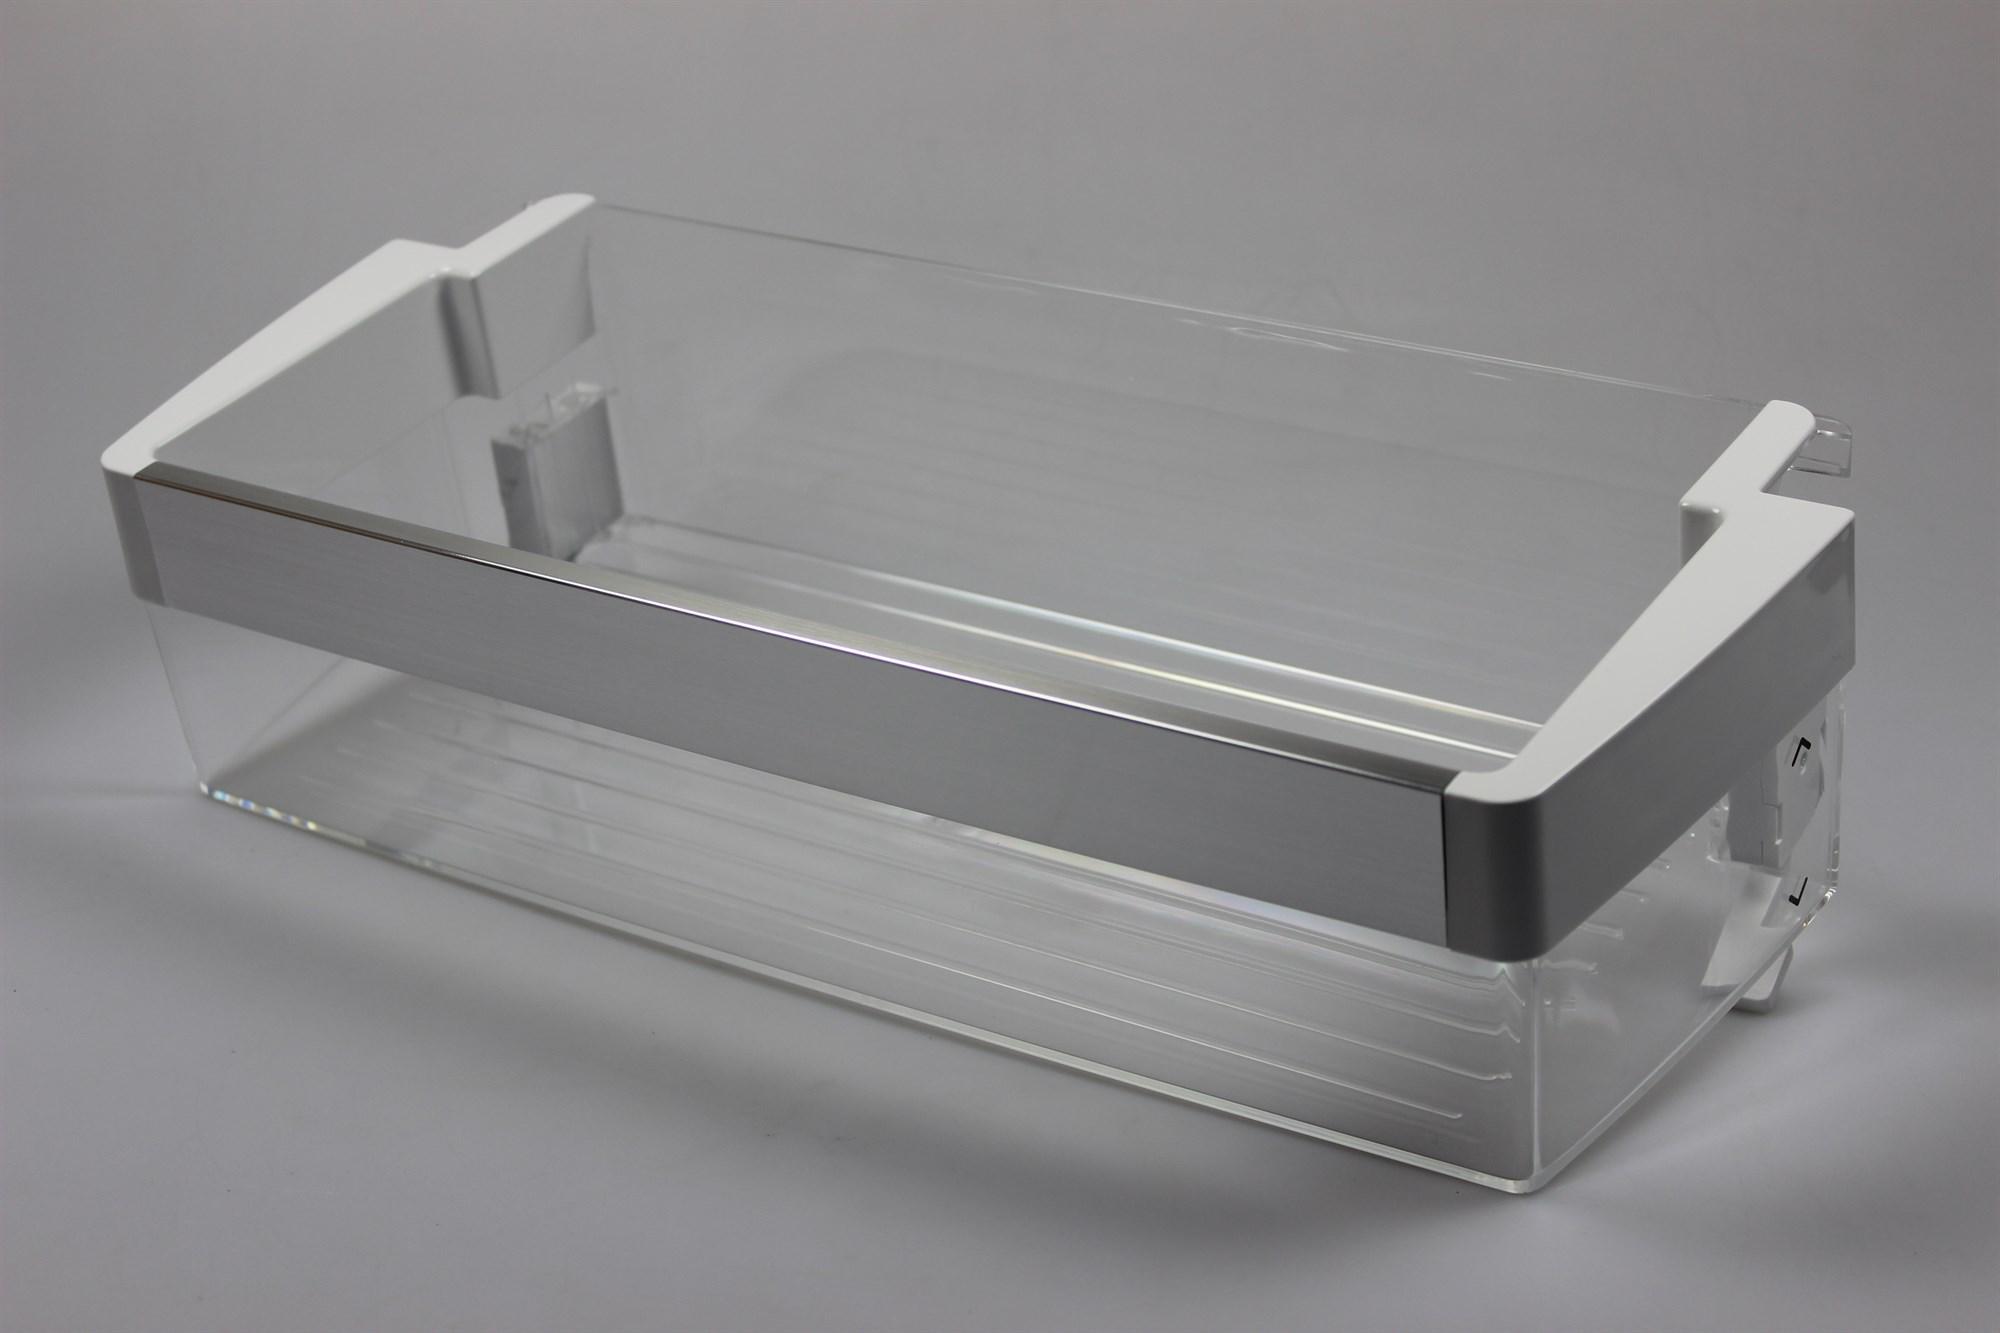 Siemens Kühlschrank : Türablage siemens side by side kühlschrank